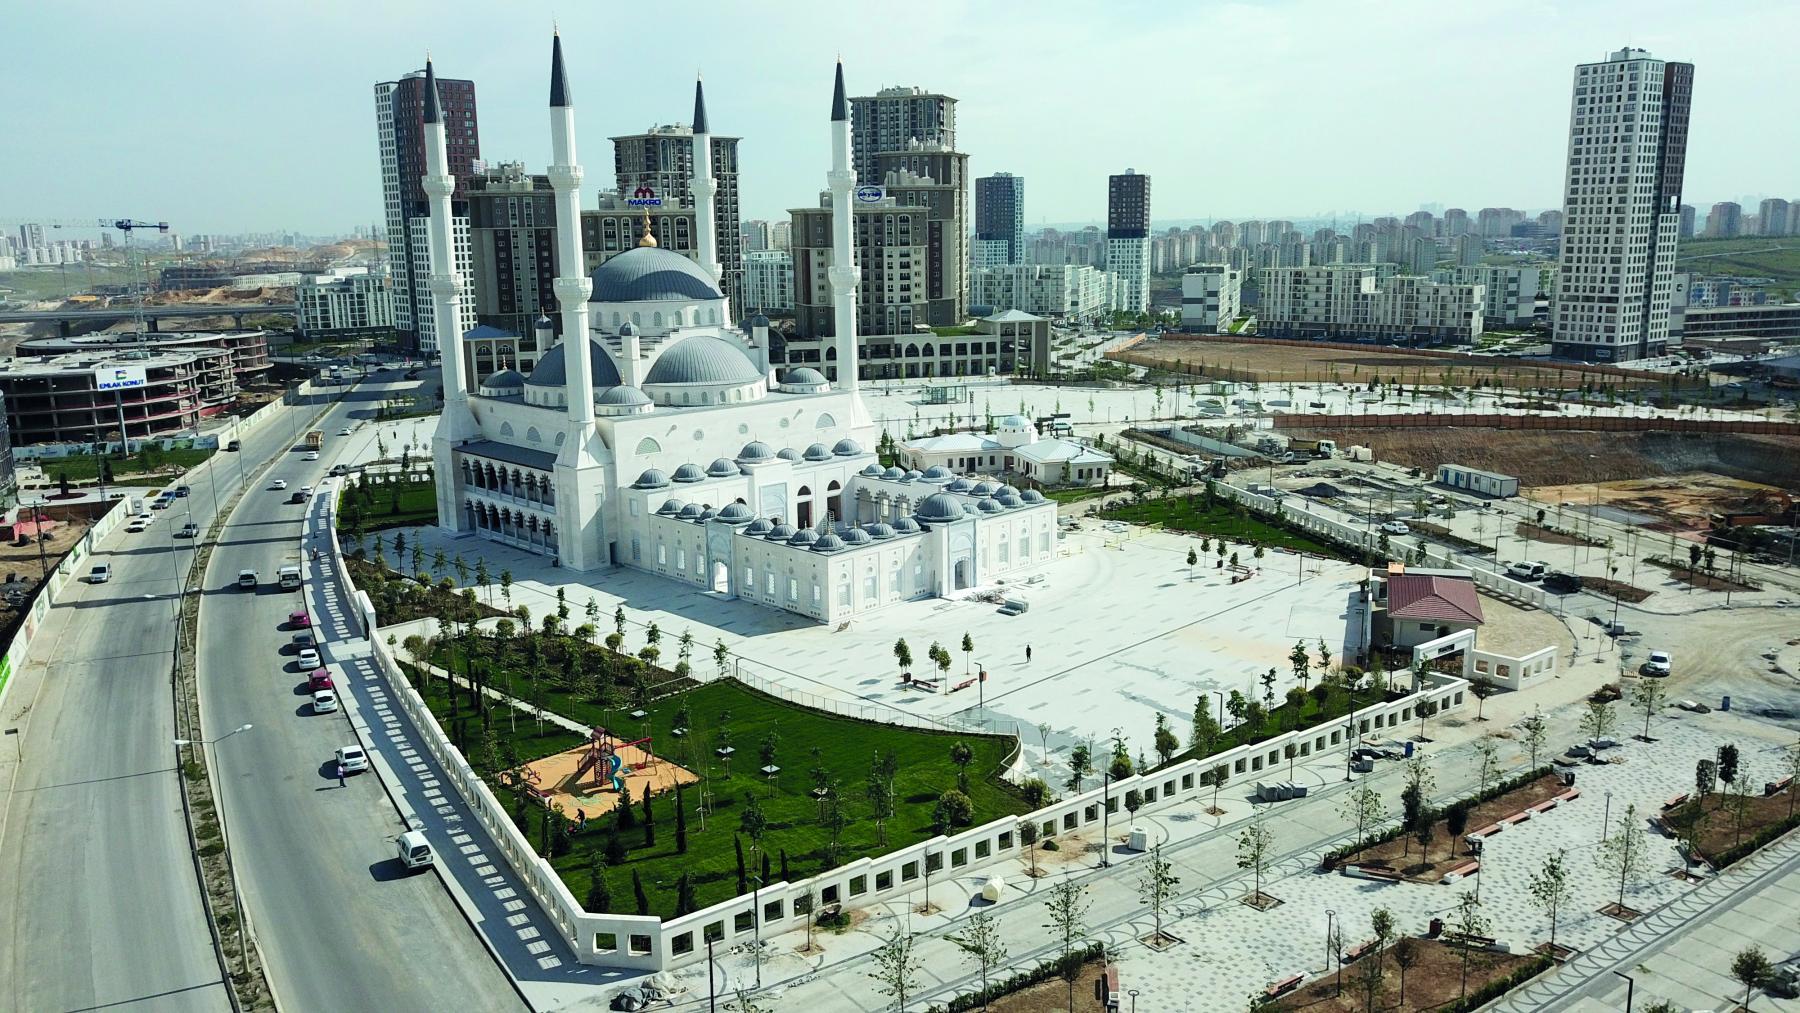 ميدان باشاك شهير في إسطنبول ... الميدان الأكبر في تركيا